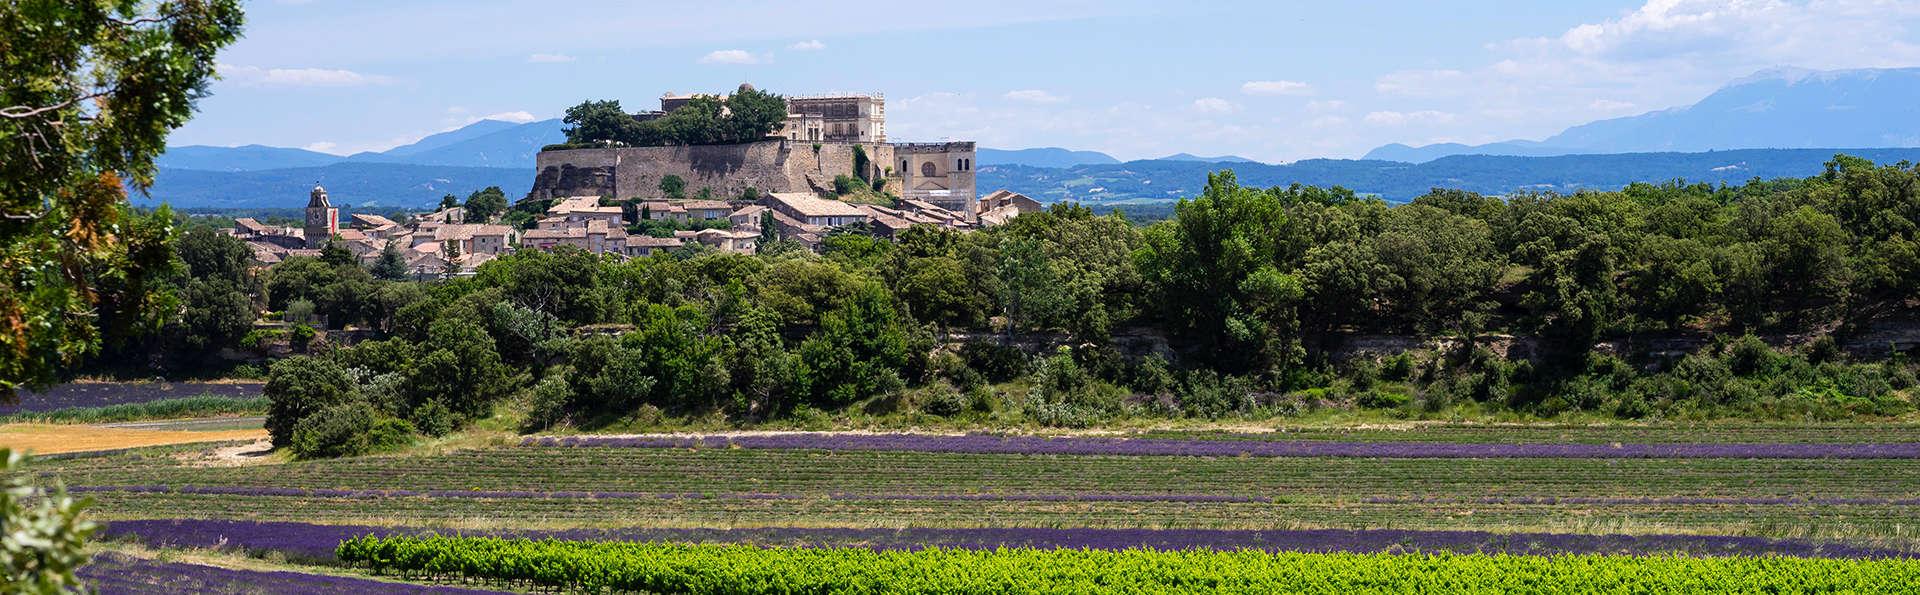 Escapade de charme au cœur de la Drôme